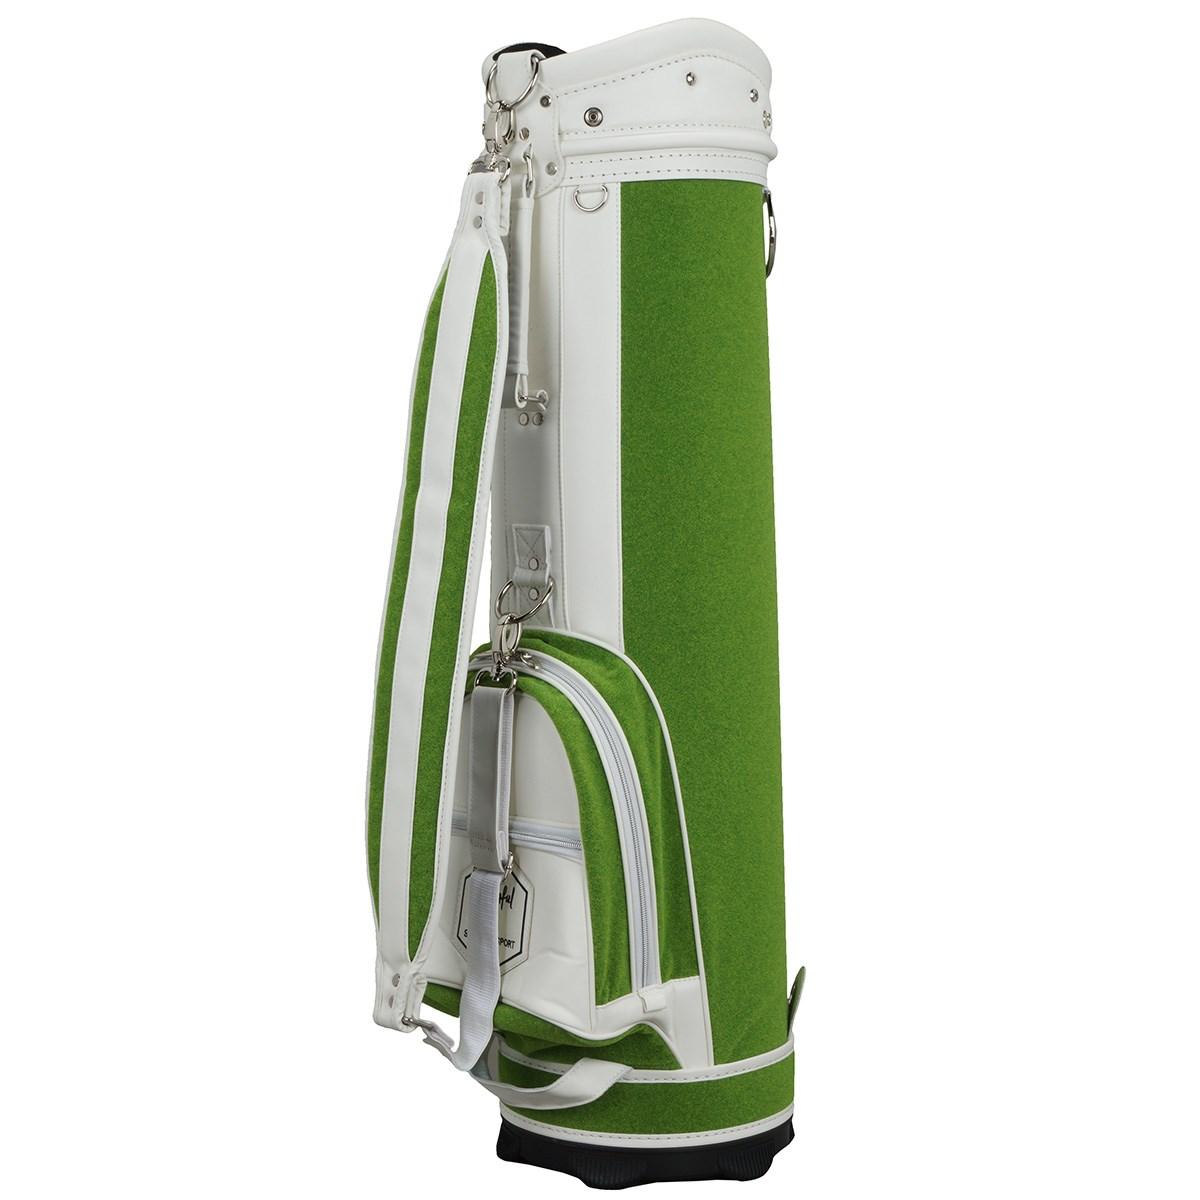 シバフル Shibaful キャディバッグ SSP-CB01[ゴルフ用品 GOLF GDO ユニセックス 男女兼用 メンズ レディース キャディバック キャディーバッグ バッグ バック おしゃれ ゴルフバッグ ゴルフバック キャディ]